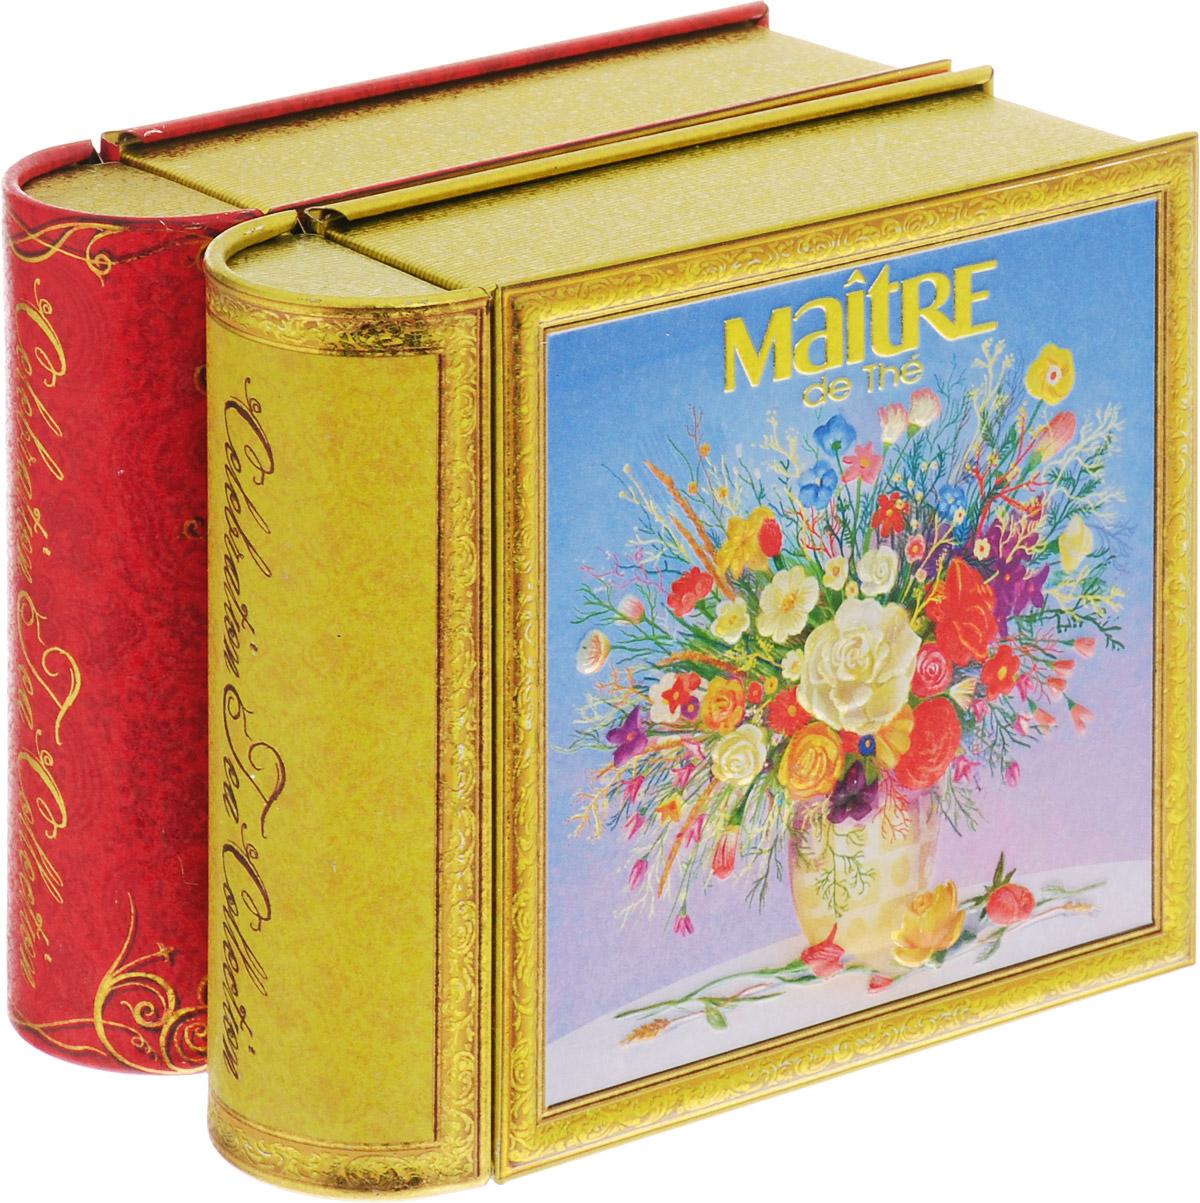 Maitre С праздником набор черного листового чая, 100 гбаж048Продолжение подарочной коллекции серии книг-малышек «Celebration tea collection». Весна – это время, когда природа просыпается и дарит нам лучшее признание в любви: цветы. Две книжки оформлены в единой спайке.